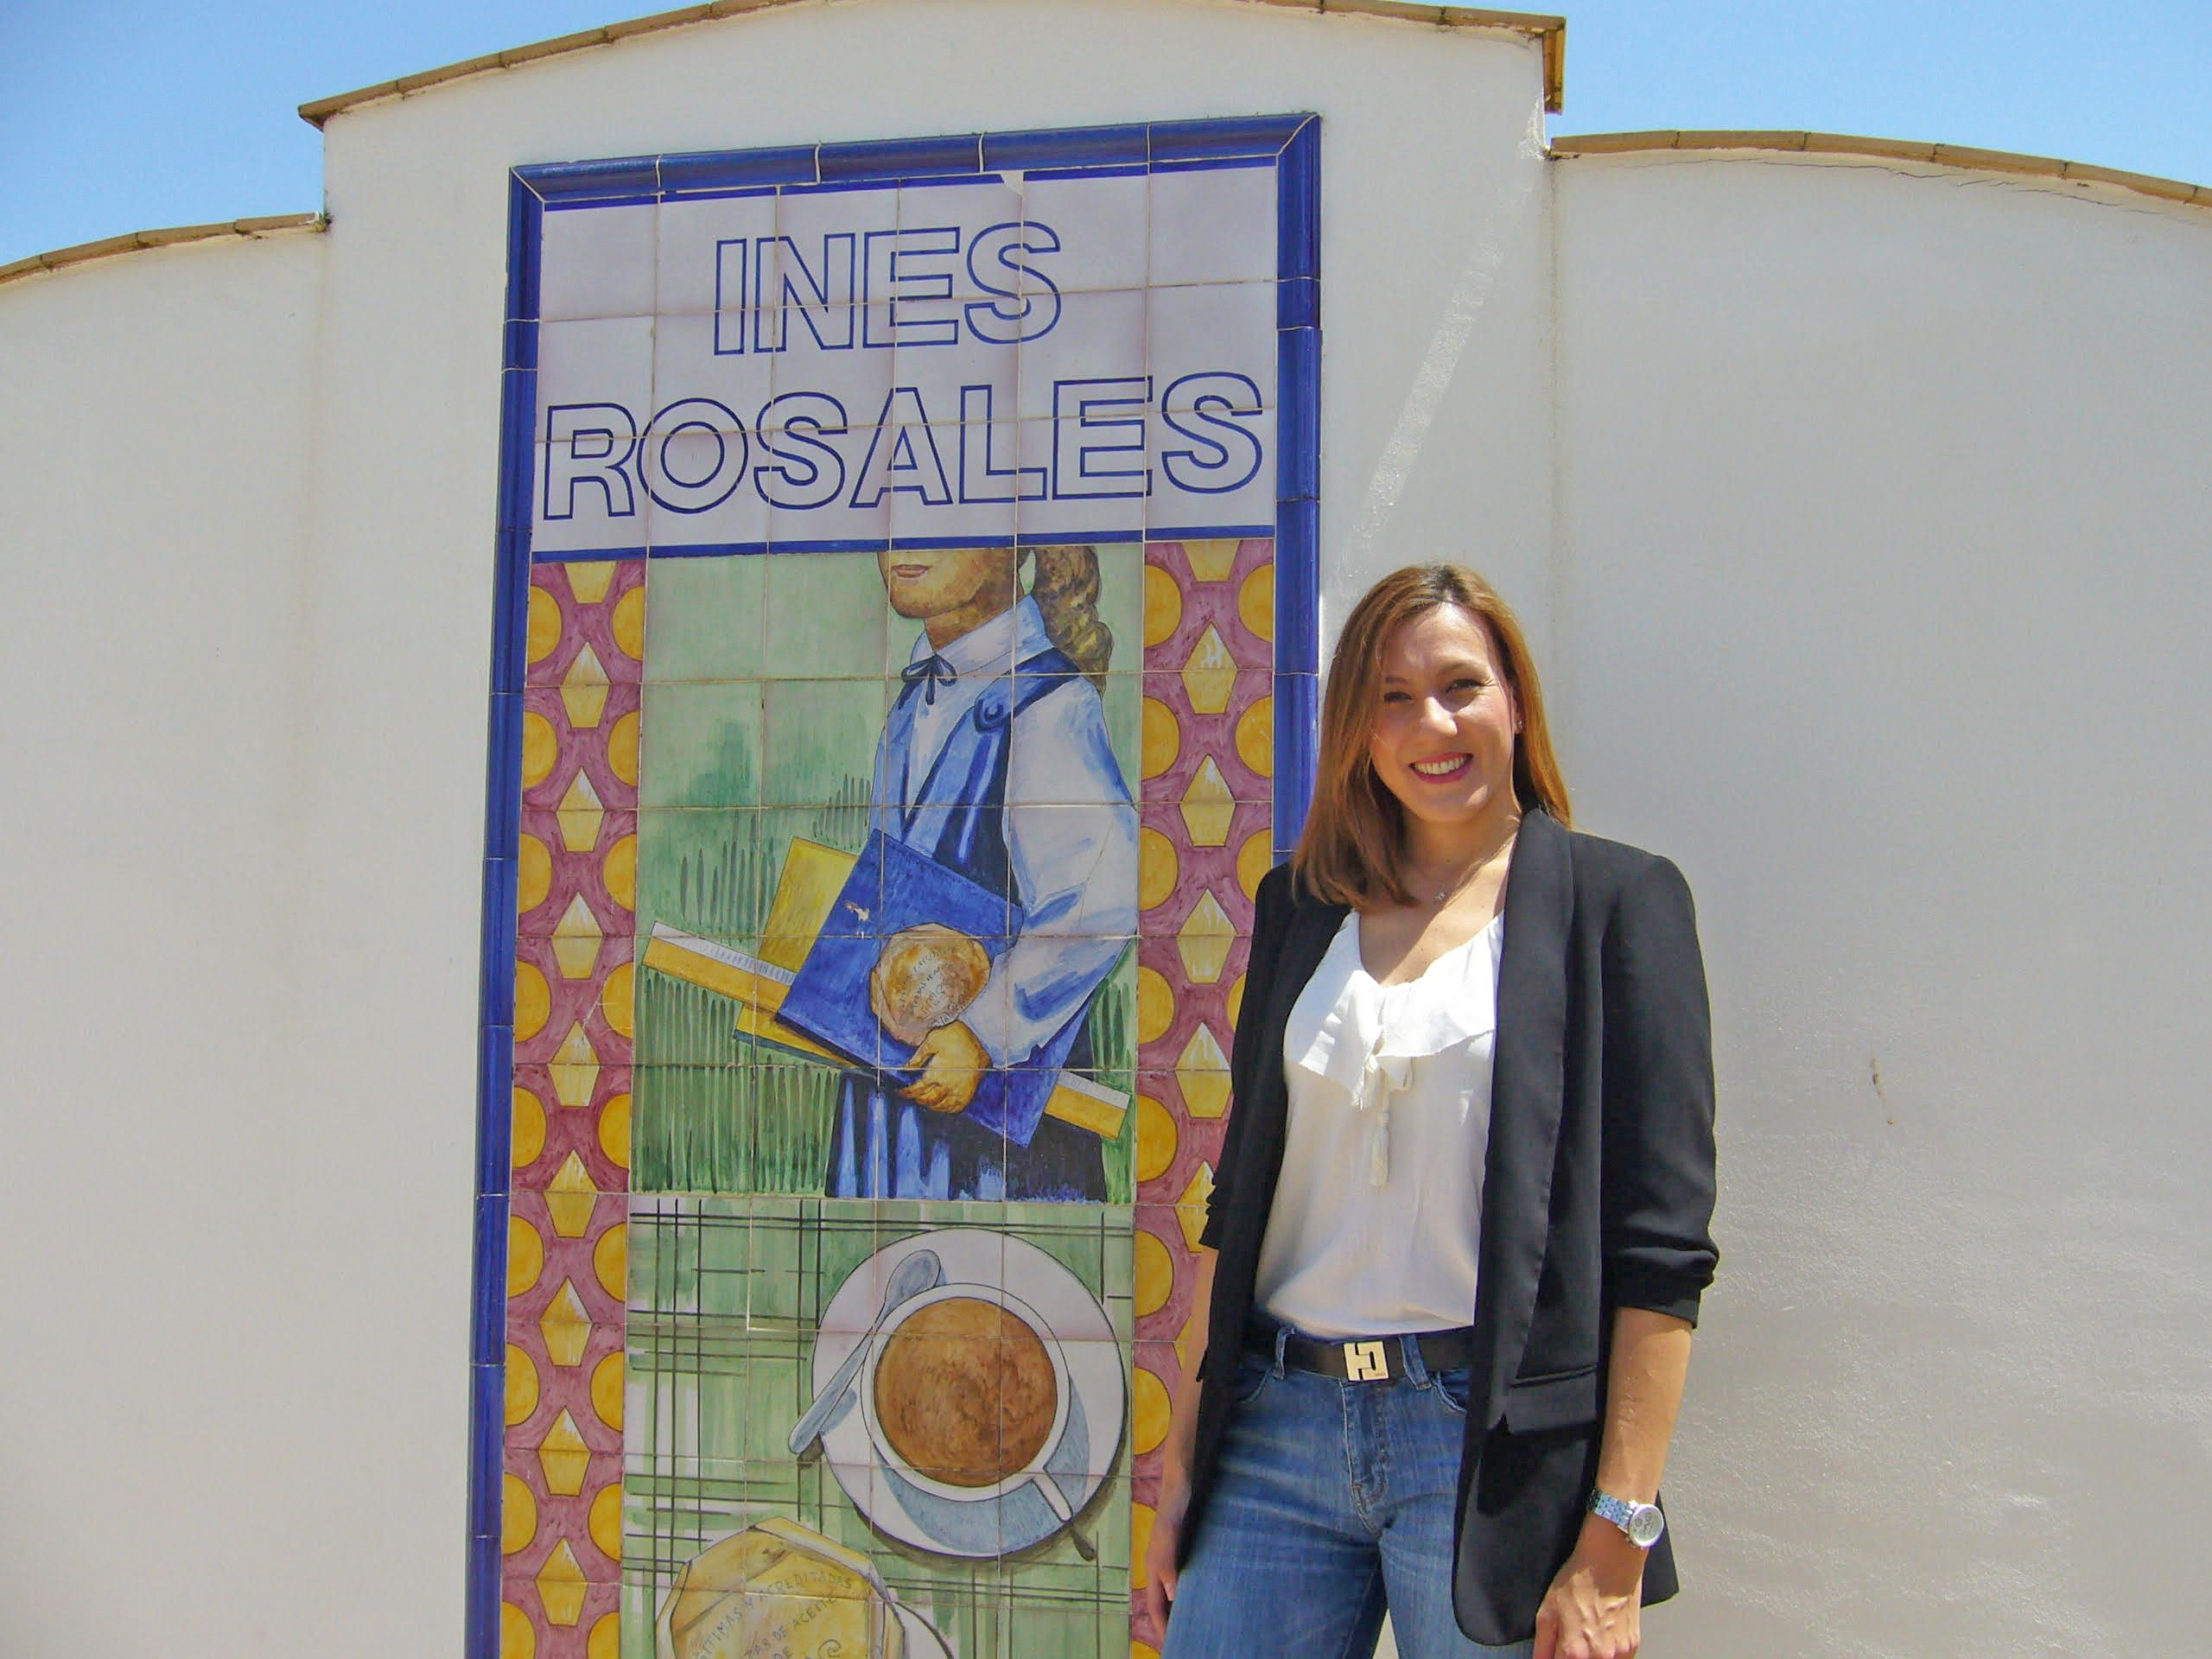 Valle Guerrero posando junto al azulejo de la fábrica de Inés Rosales en Sevilla